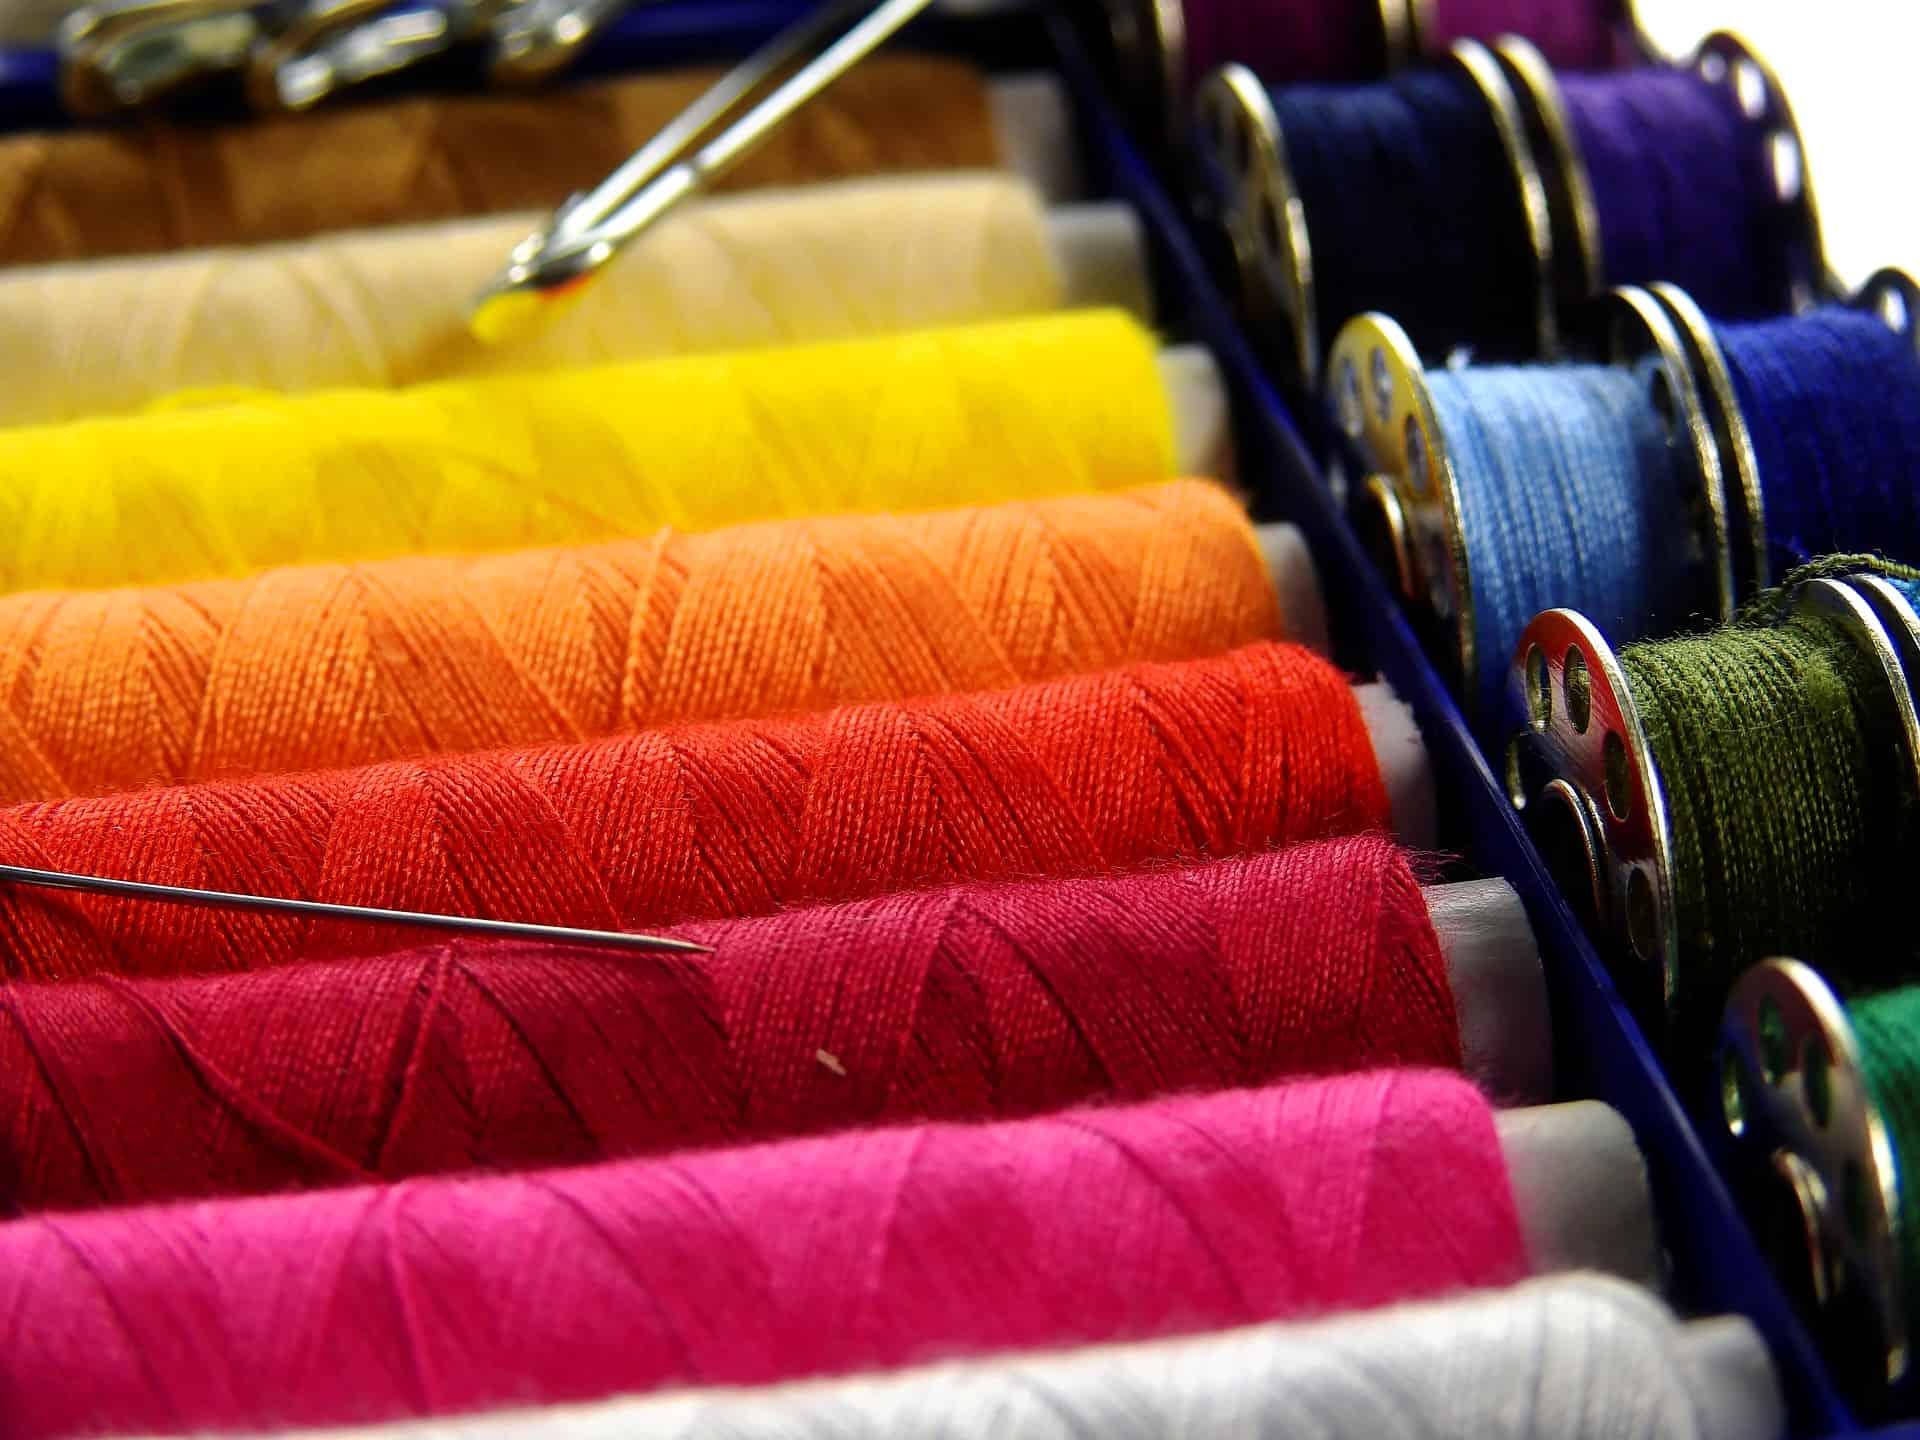 Linha de costura: Teste & Recomendações (10/21)